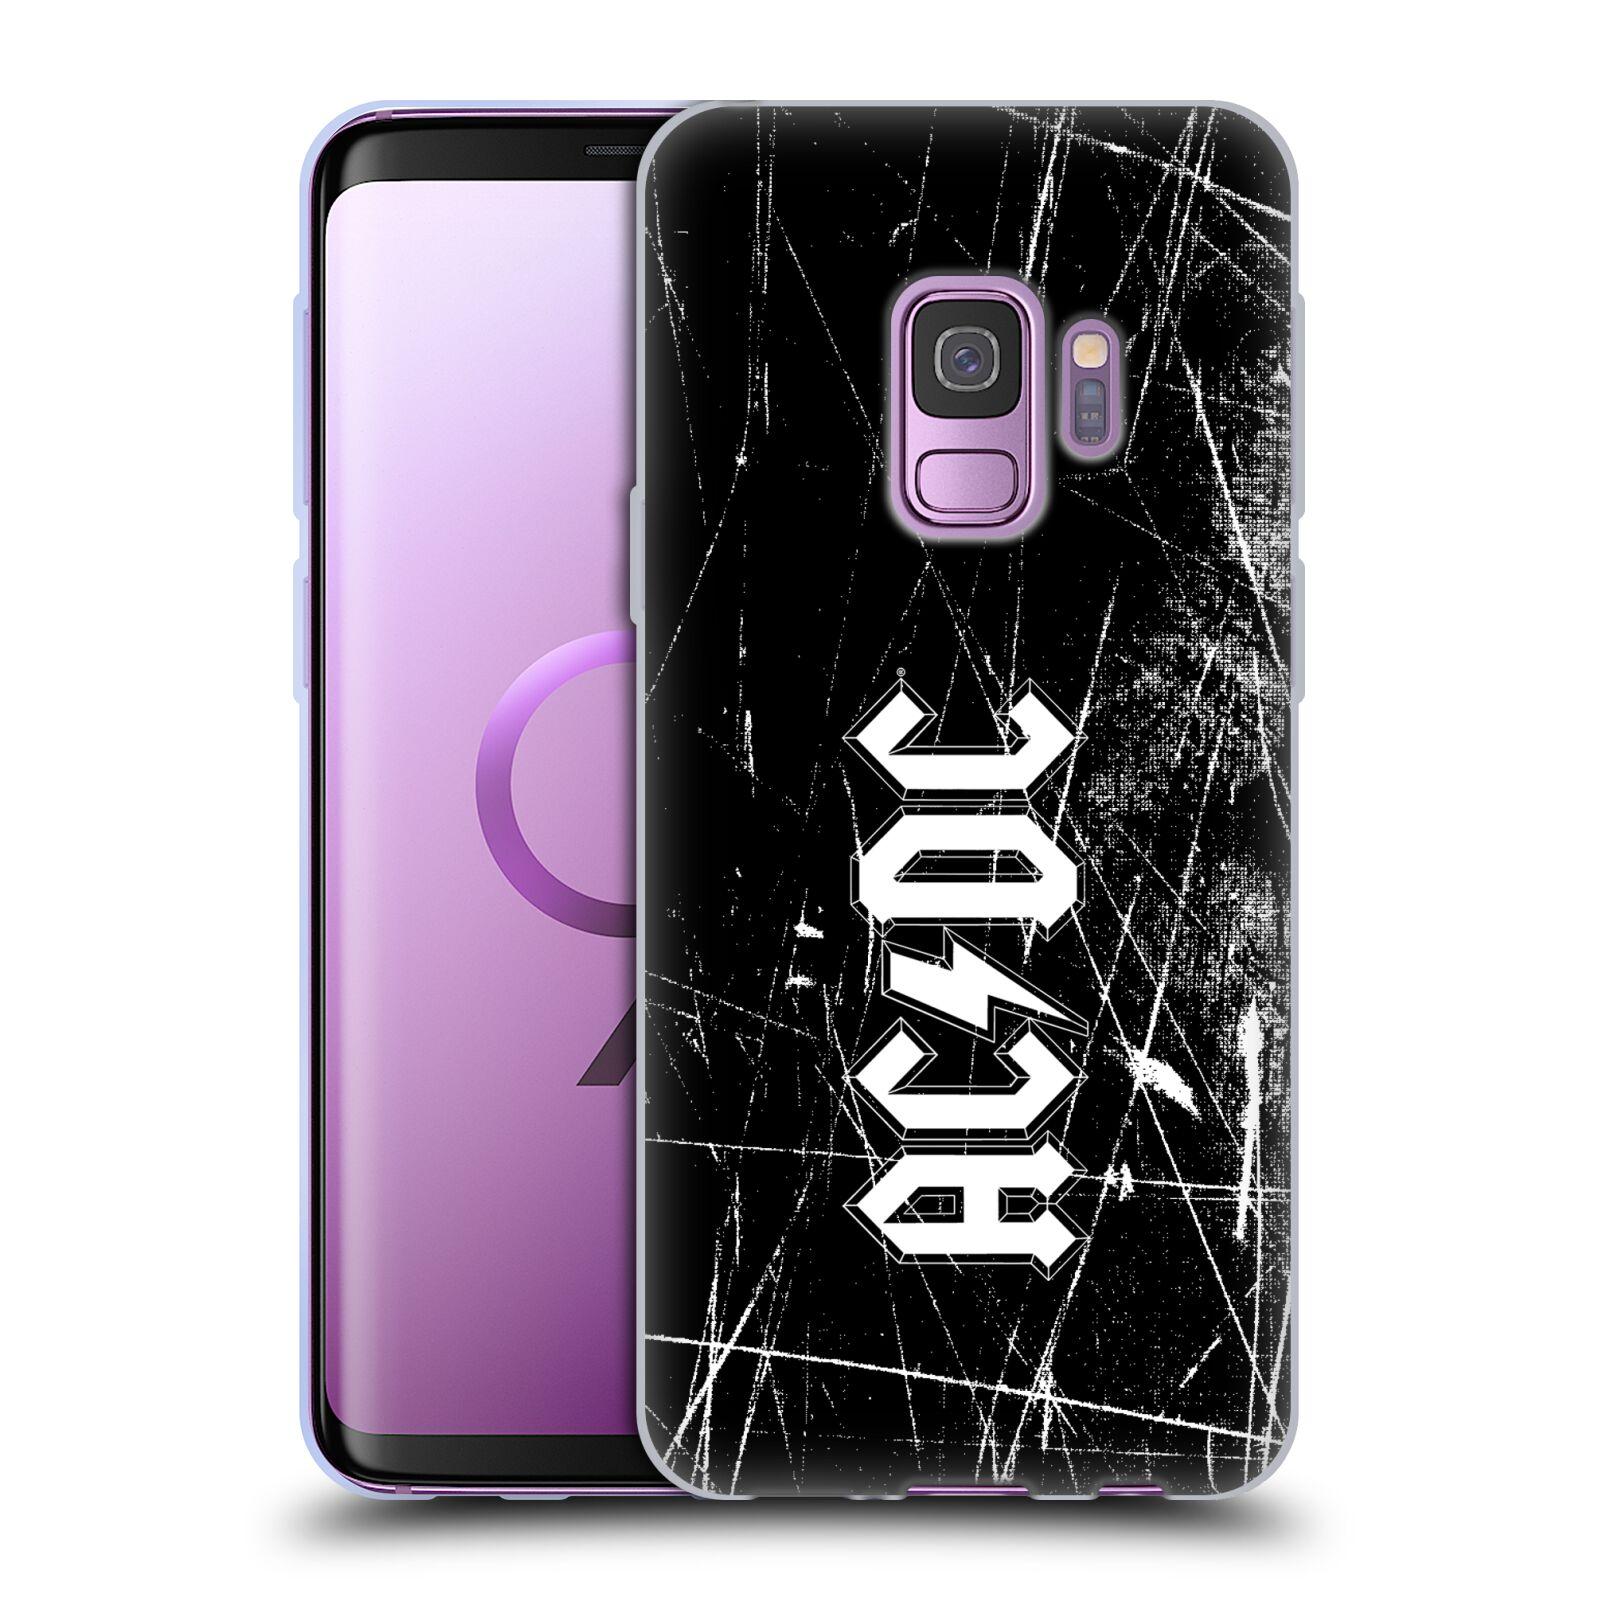 Silikonové pouzdro na mobil Samsung Galaxy S9 - Head Case - AC/DC Černobílé logo